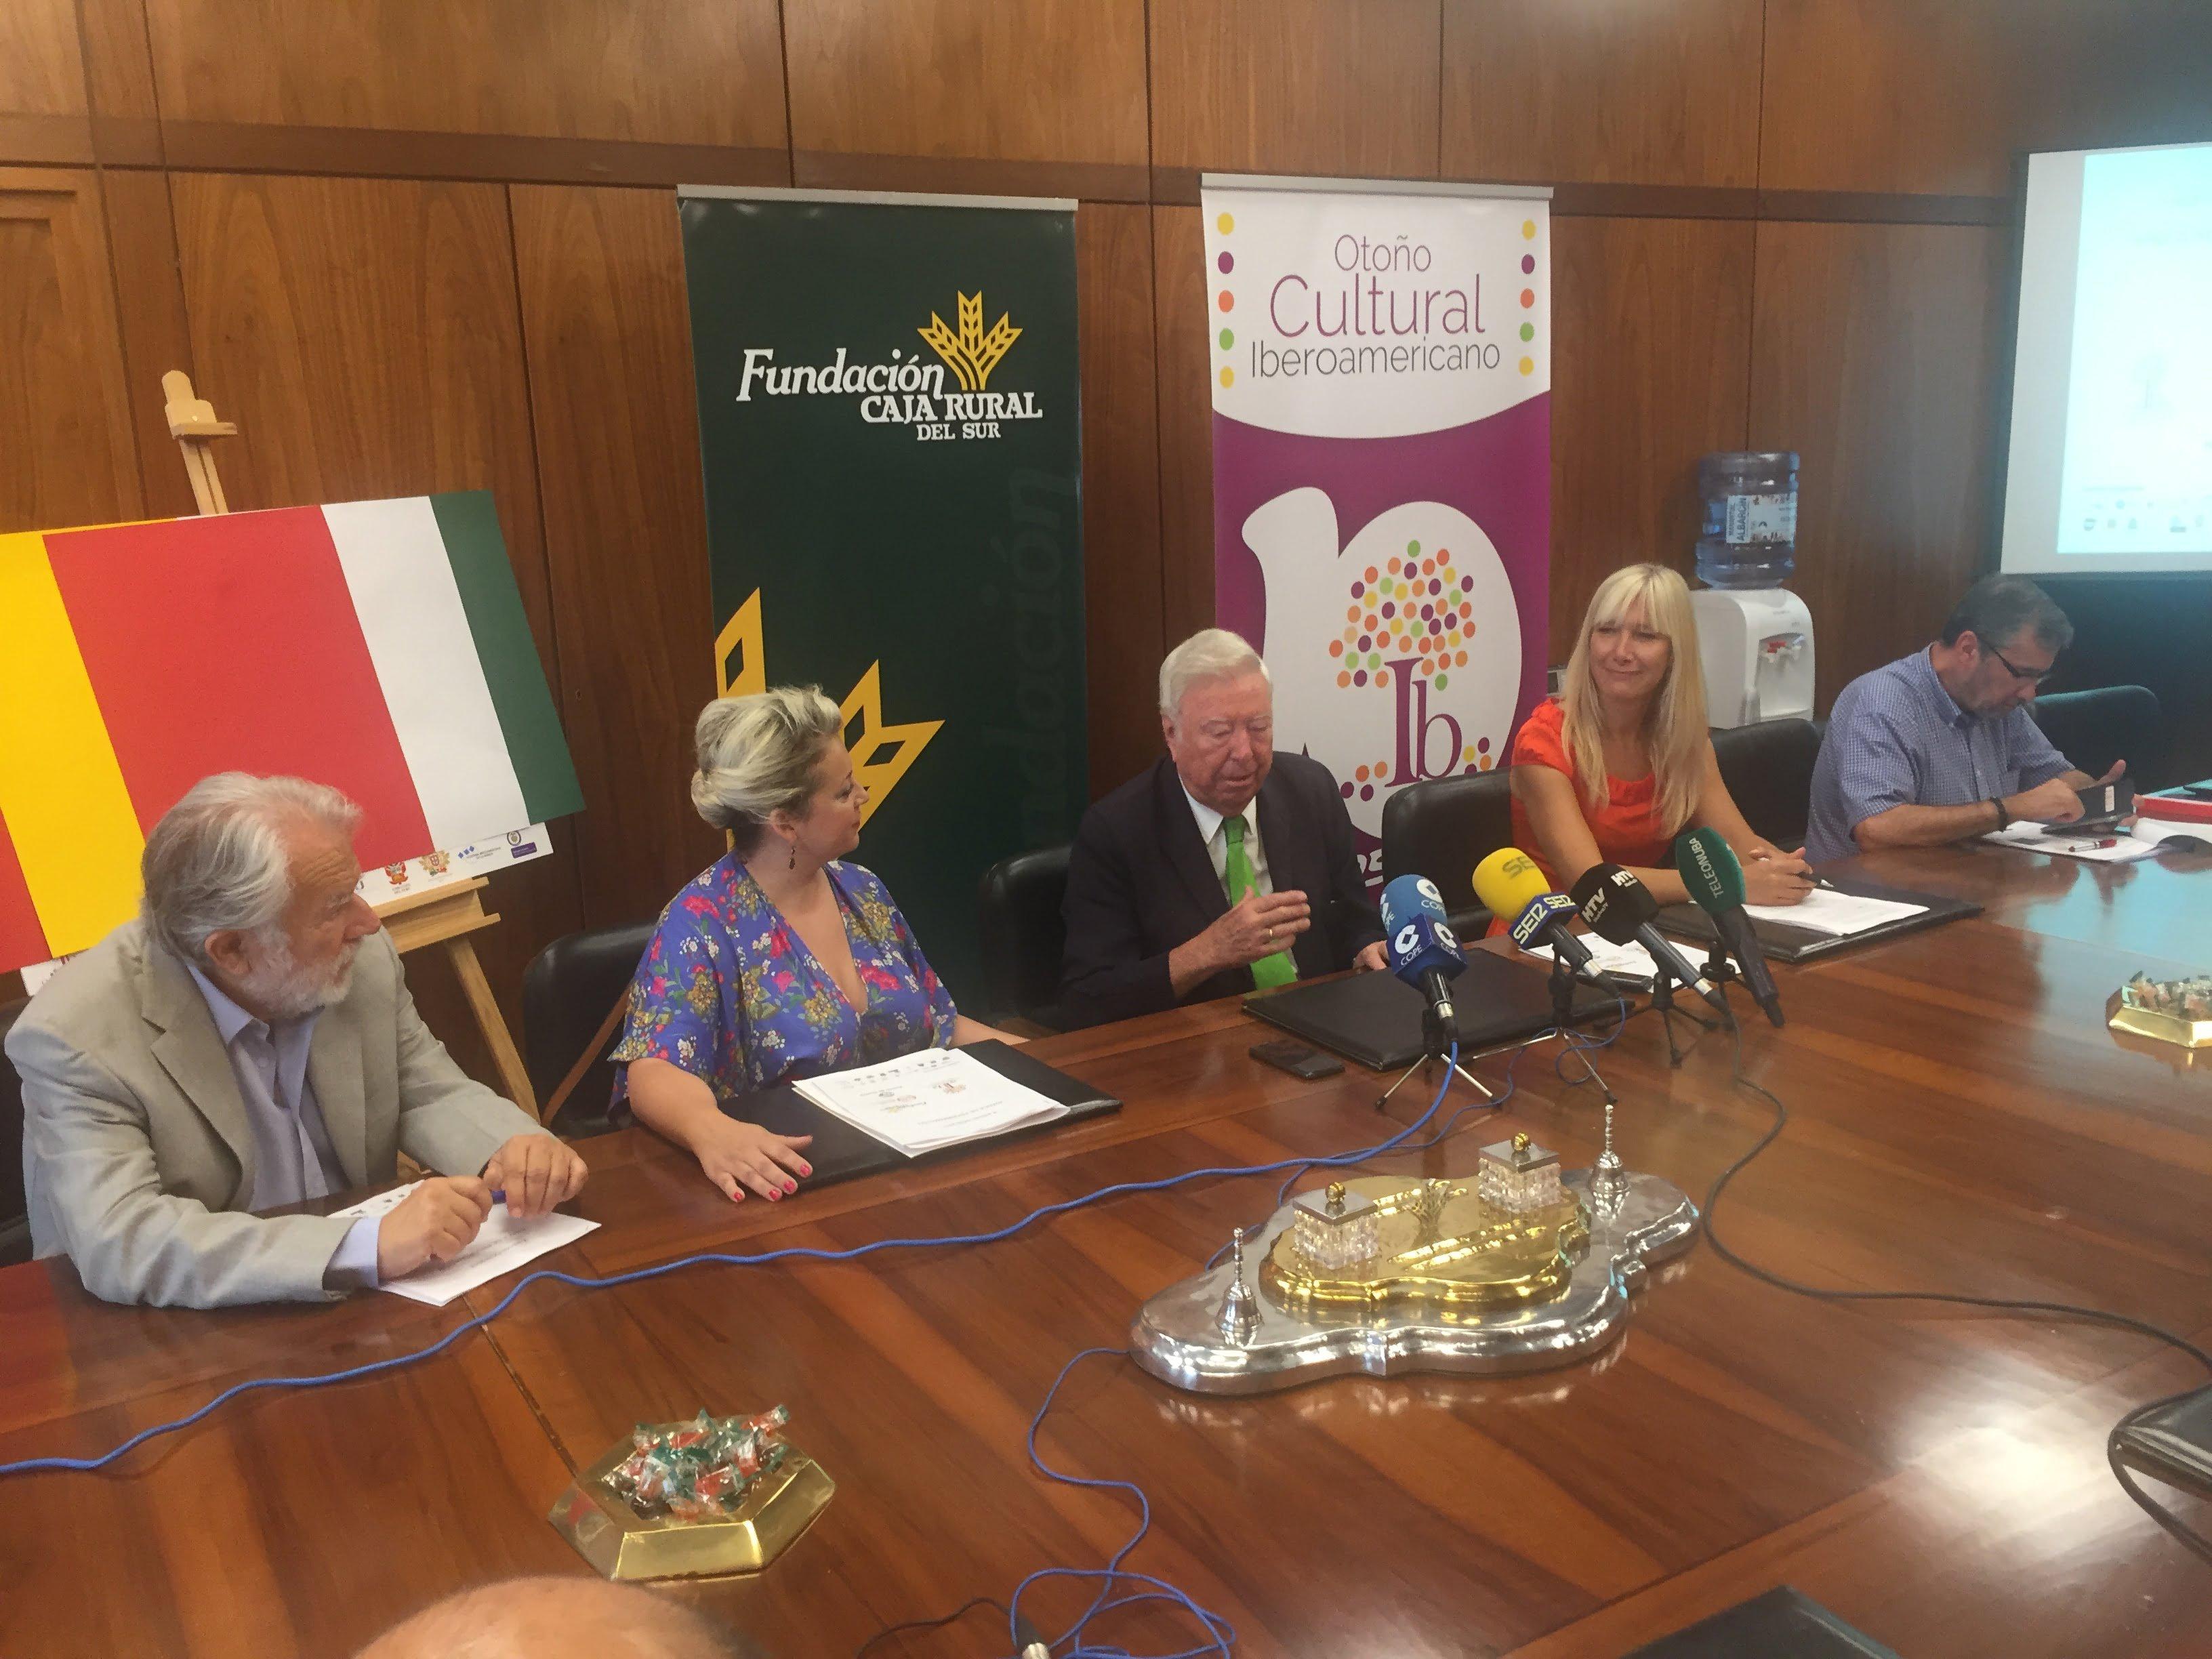 El presidente de Fundación Caja Rural del Sur, entidad impulsora del OCIb, valoró muy positivamente la consolidación del mismo al cumplir su X Edición.